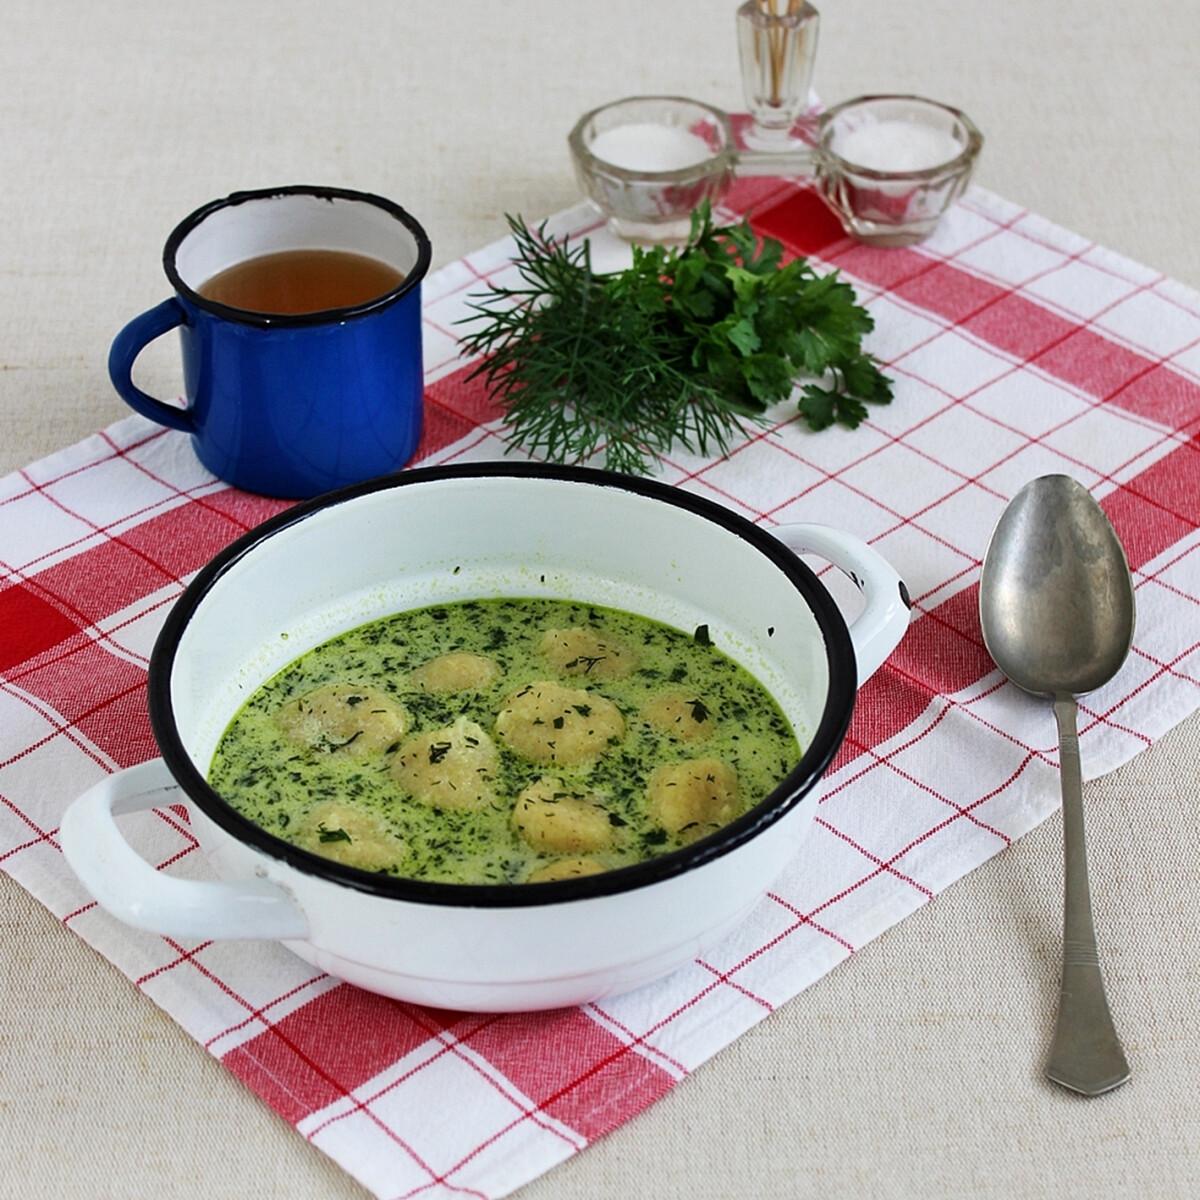 Ezen a képen: Zöld leves sajtgombóccal